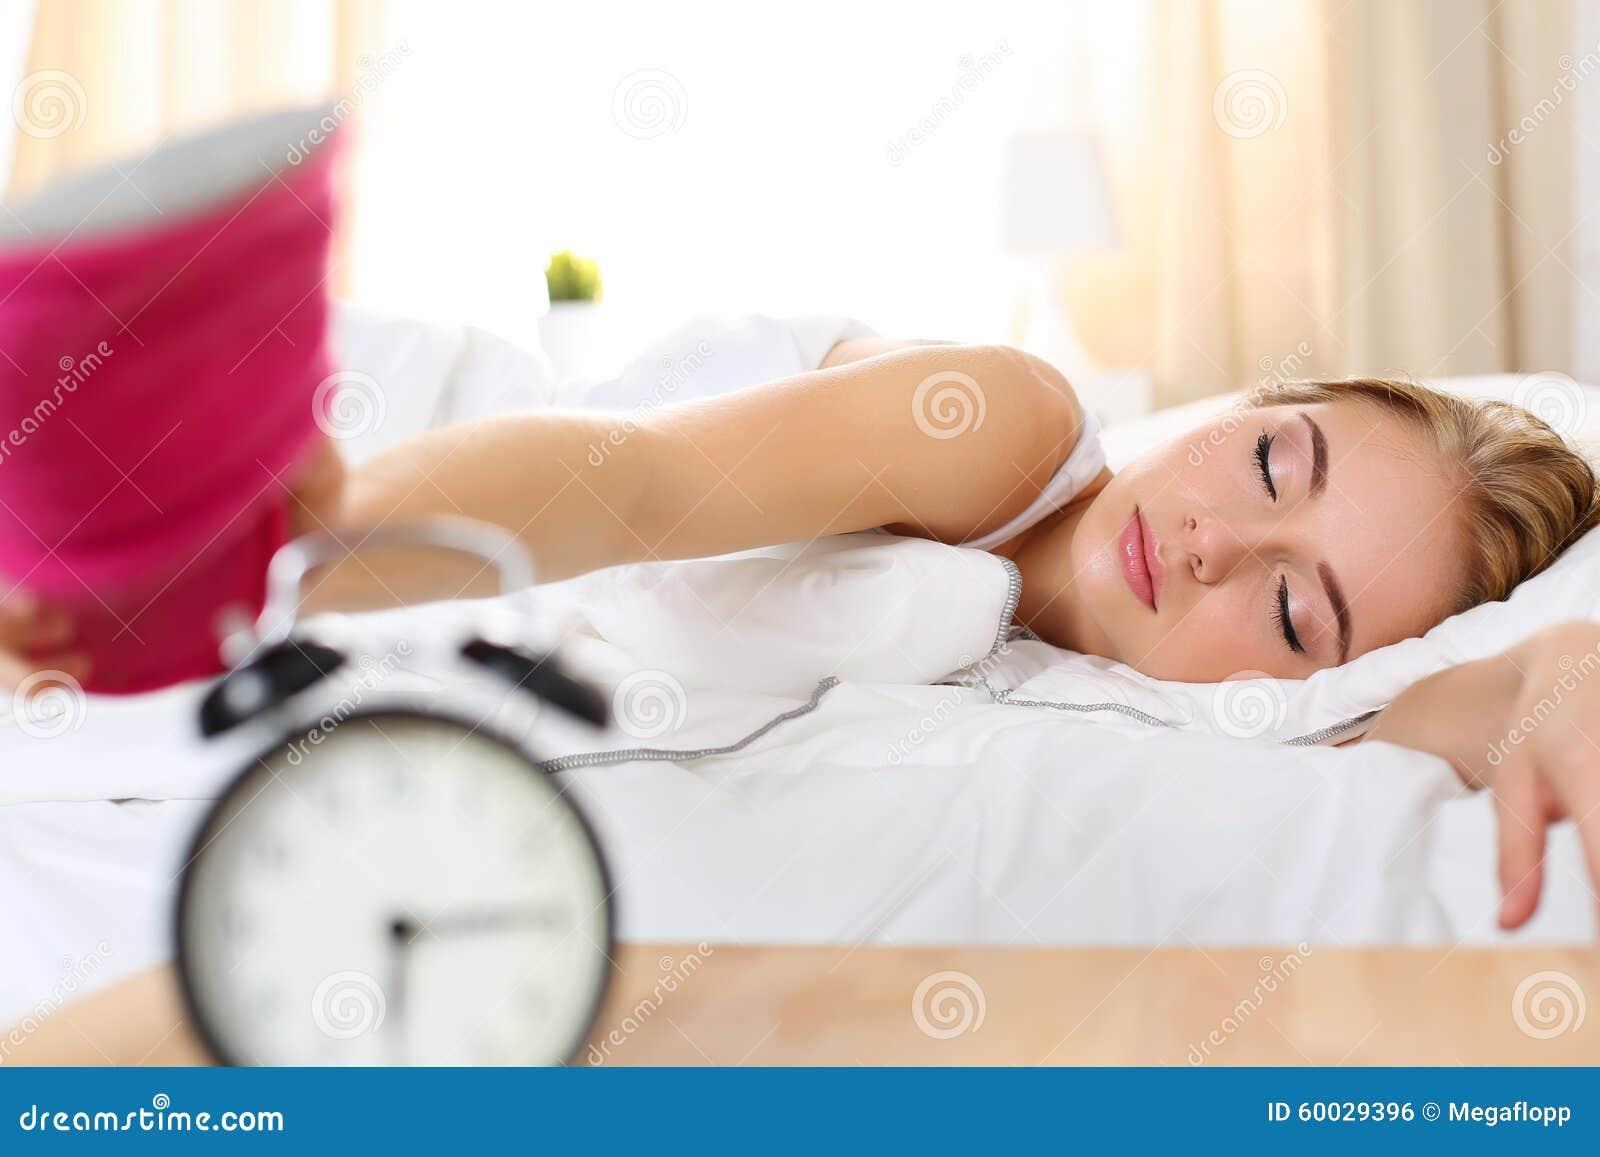 Śpiąca młoda piękna kobieta próbuje zwłoka budzika